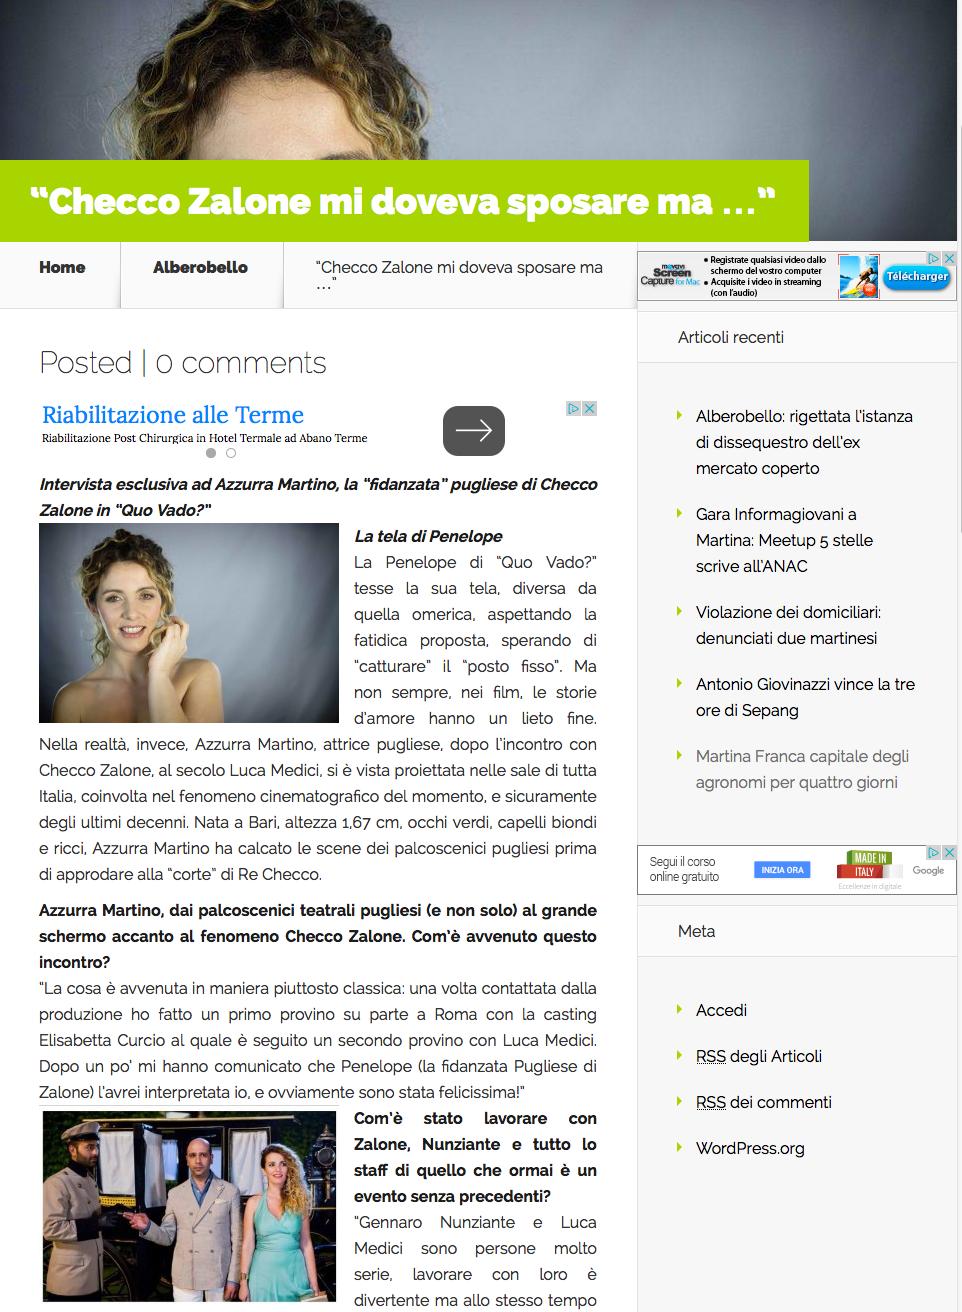 http://invalleditria.eu/checco-zalone-mi-doveva-sposare-ma/